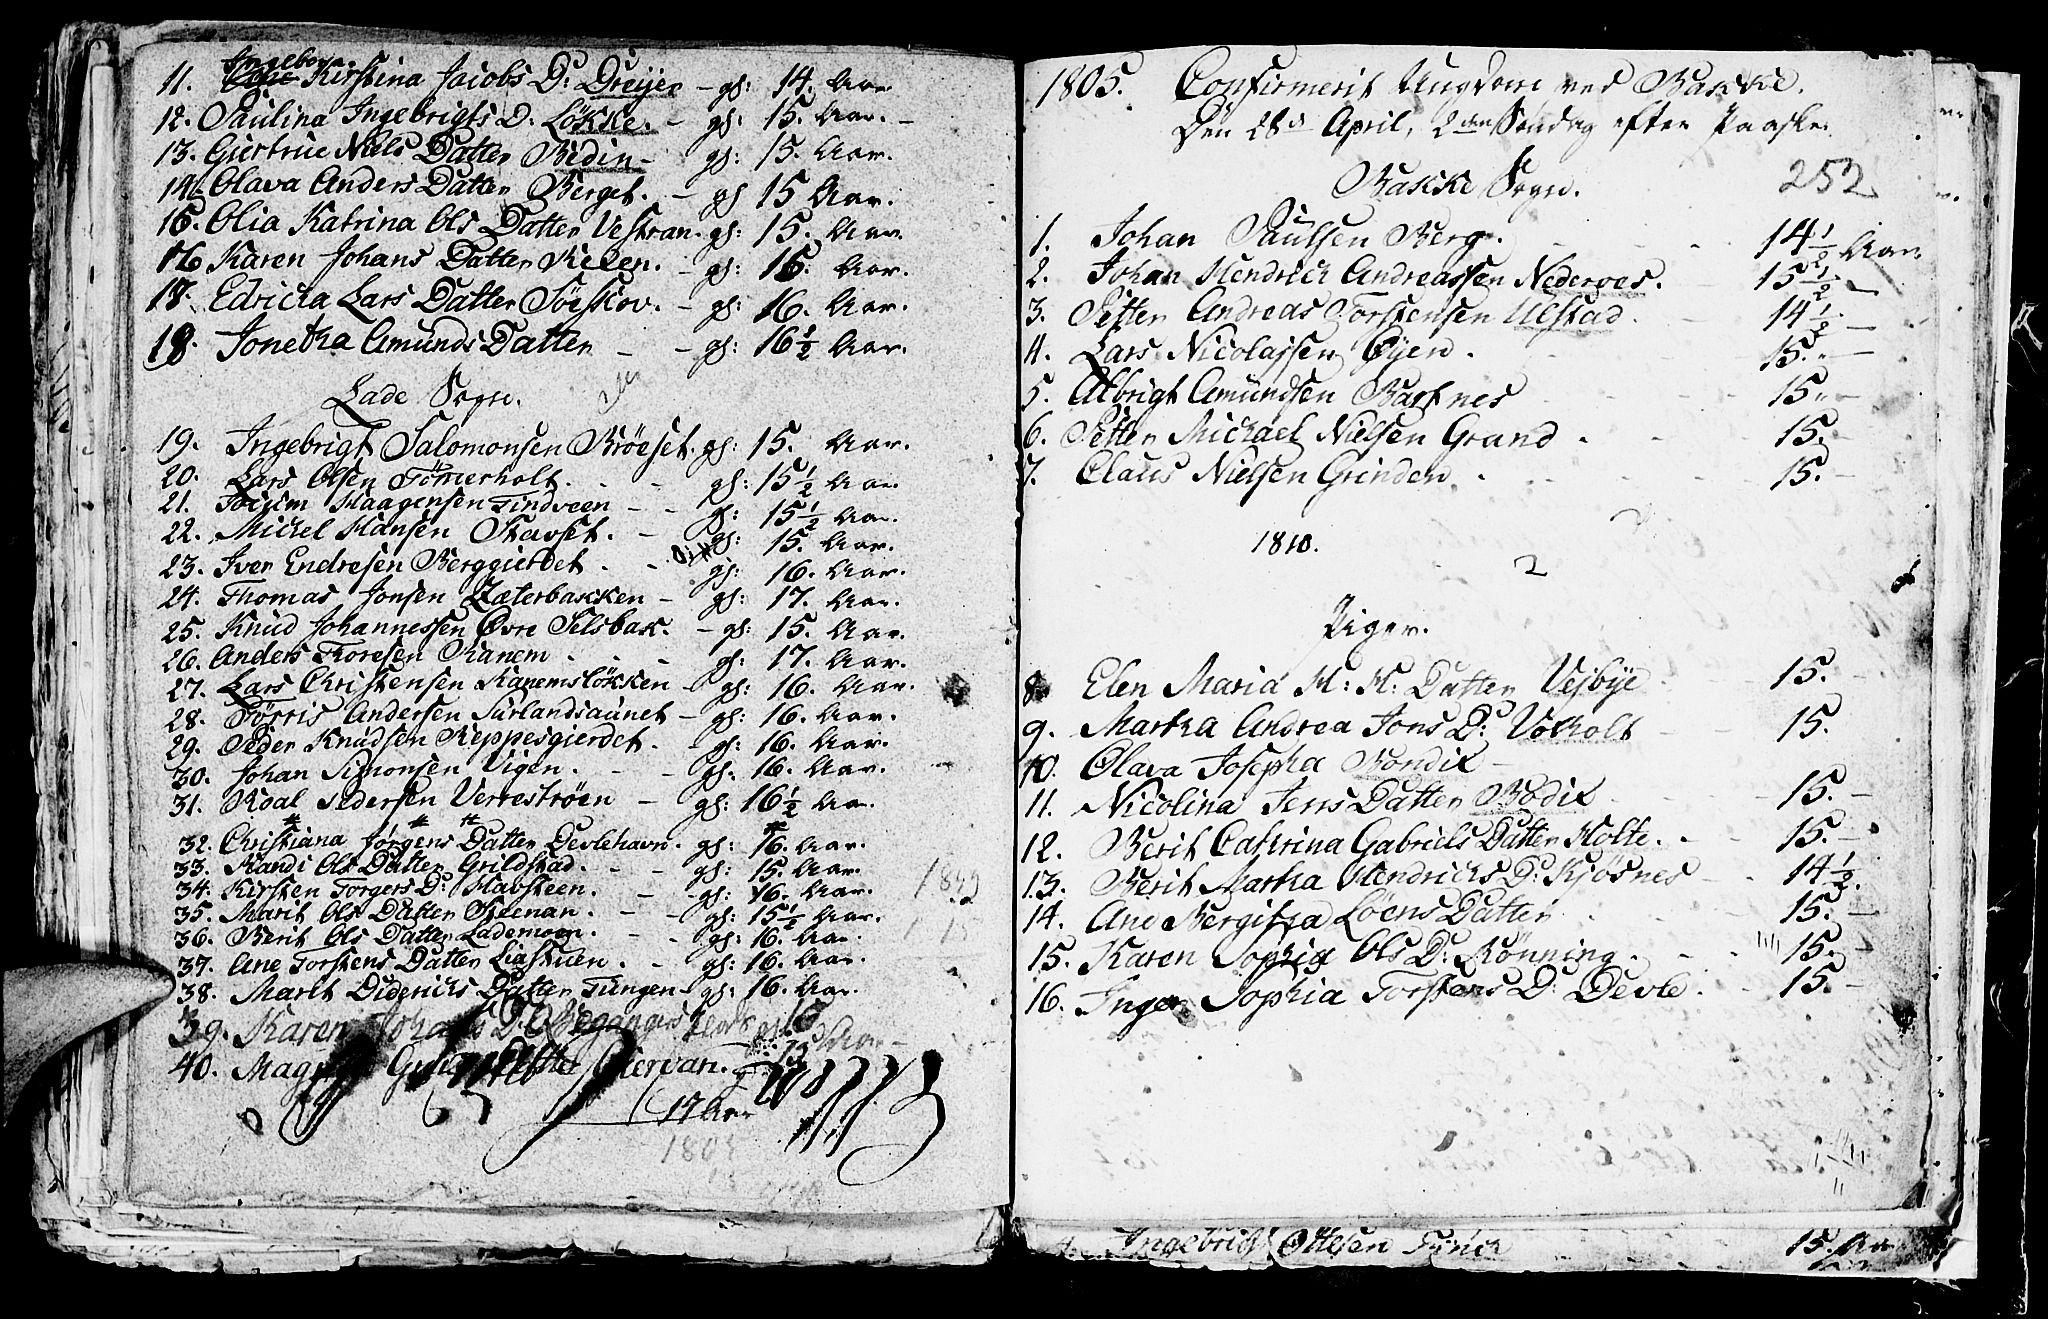 SAT, Ministerialprotokoller, klokkerbøker og fødselsregistre - Sør-Trøndelag, 604/L0218: Klokkerbok nr. 604C01, 1754-1819, s. 252